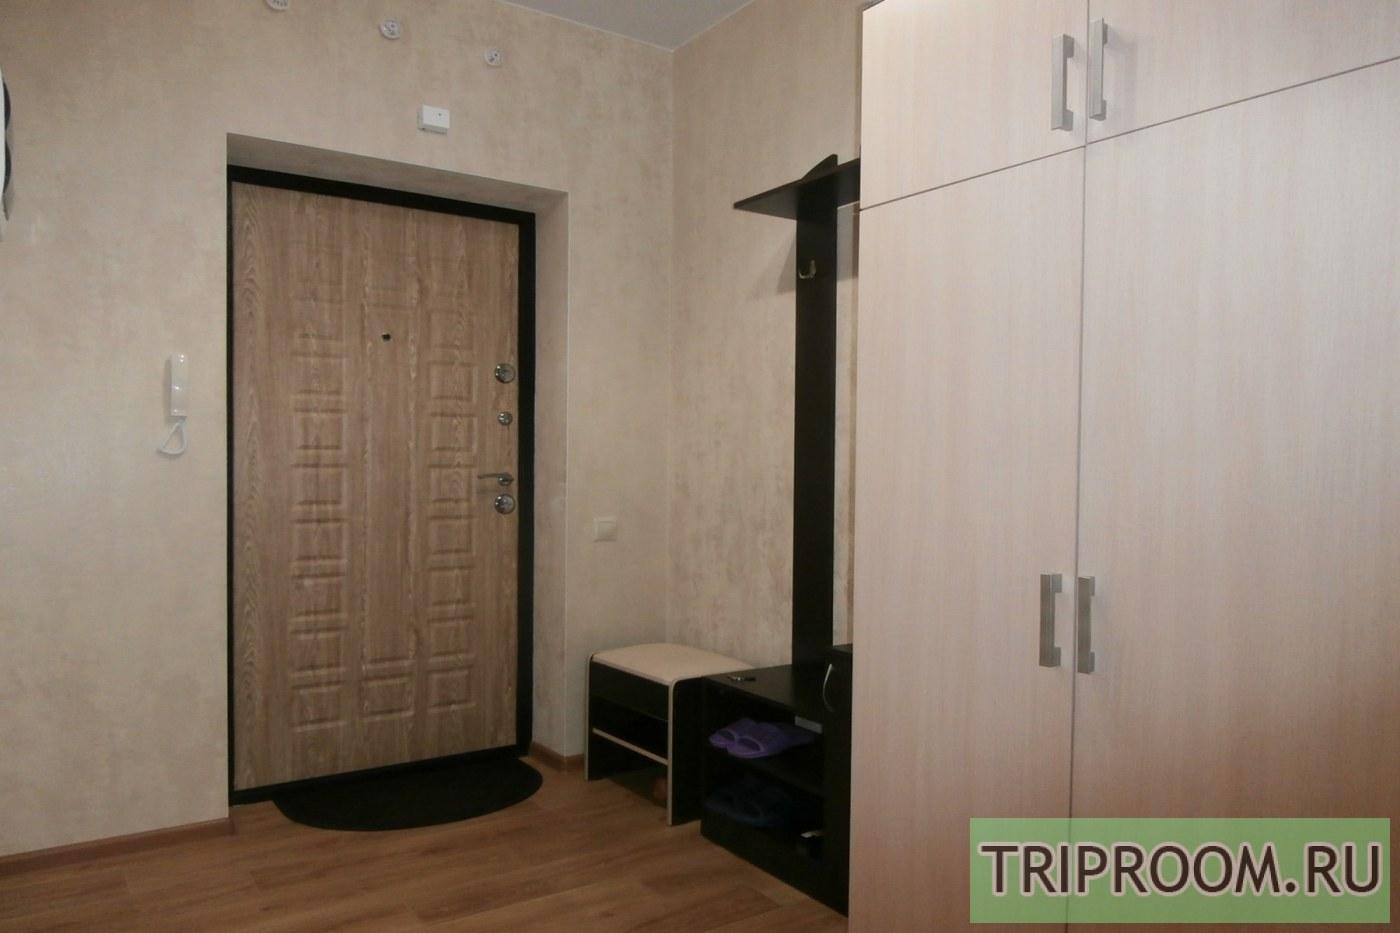 1-комнатная квартира посуточно (вариант № 37778), ул. Крылатый микрорайон, фото № 6